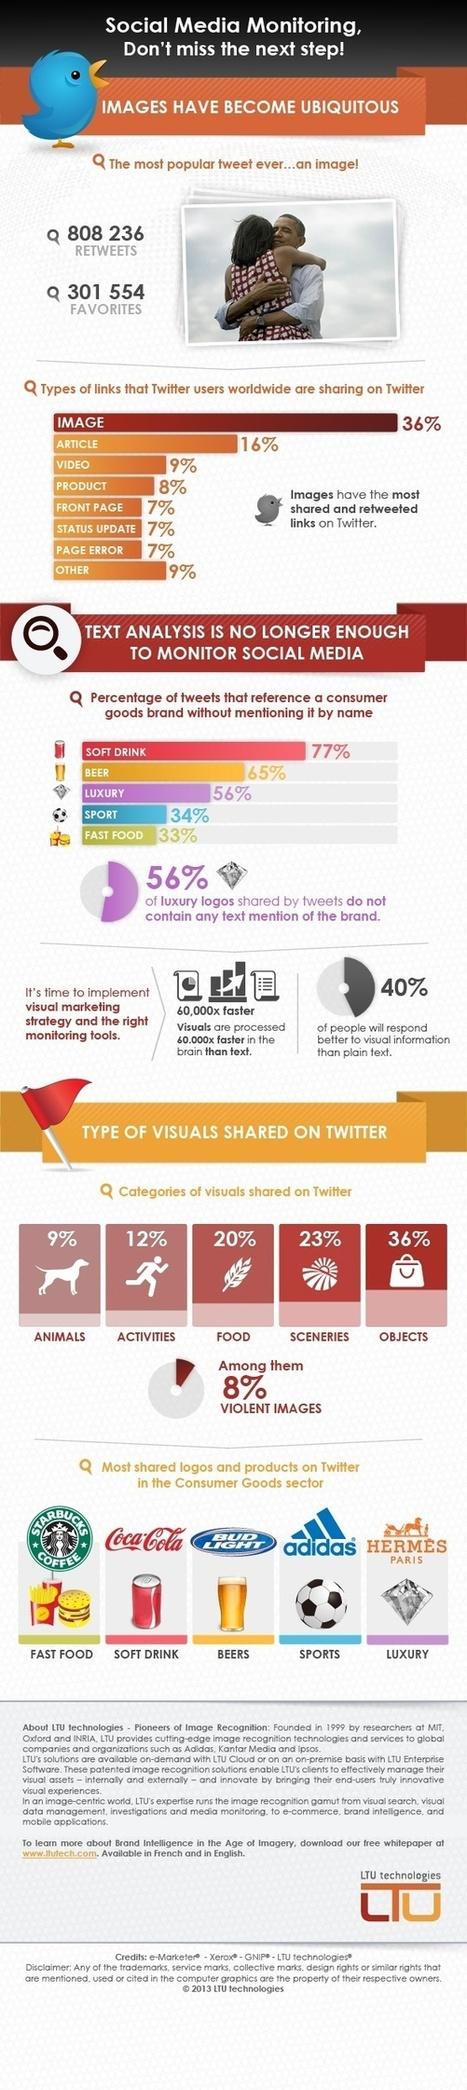 Le futur du Social Media Monitoring ? Vers plus de multimédia ! | Webmarketing & Communication | Scoop.it